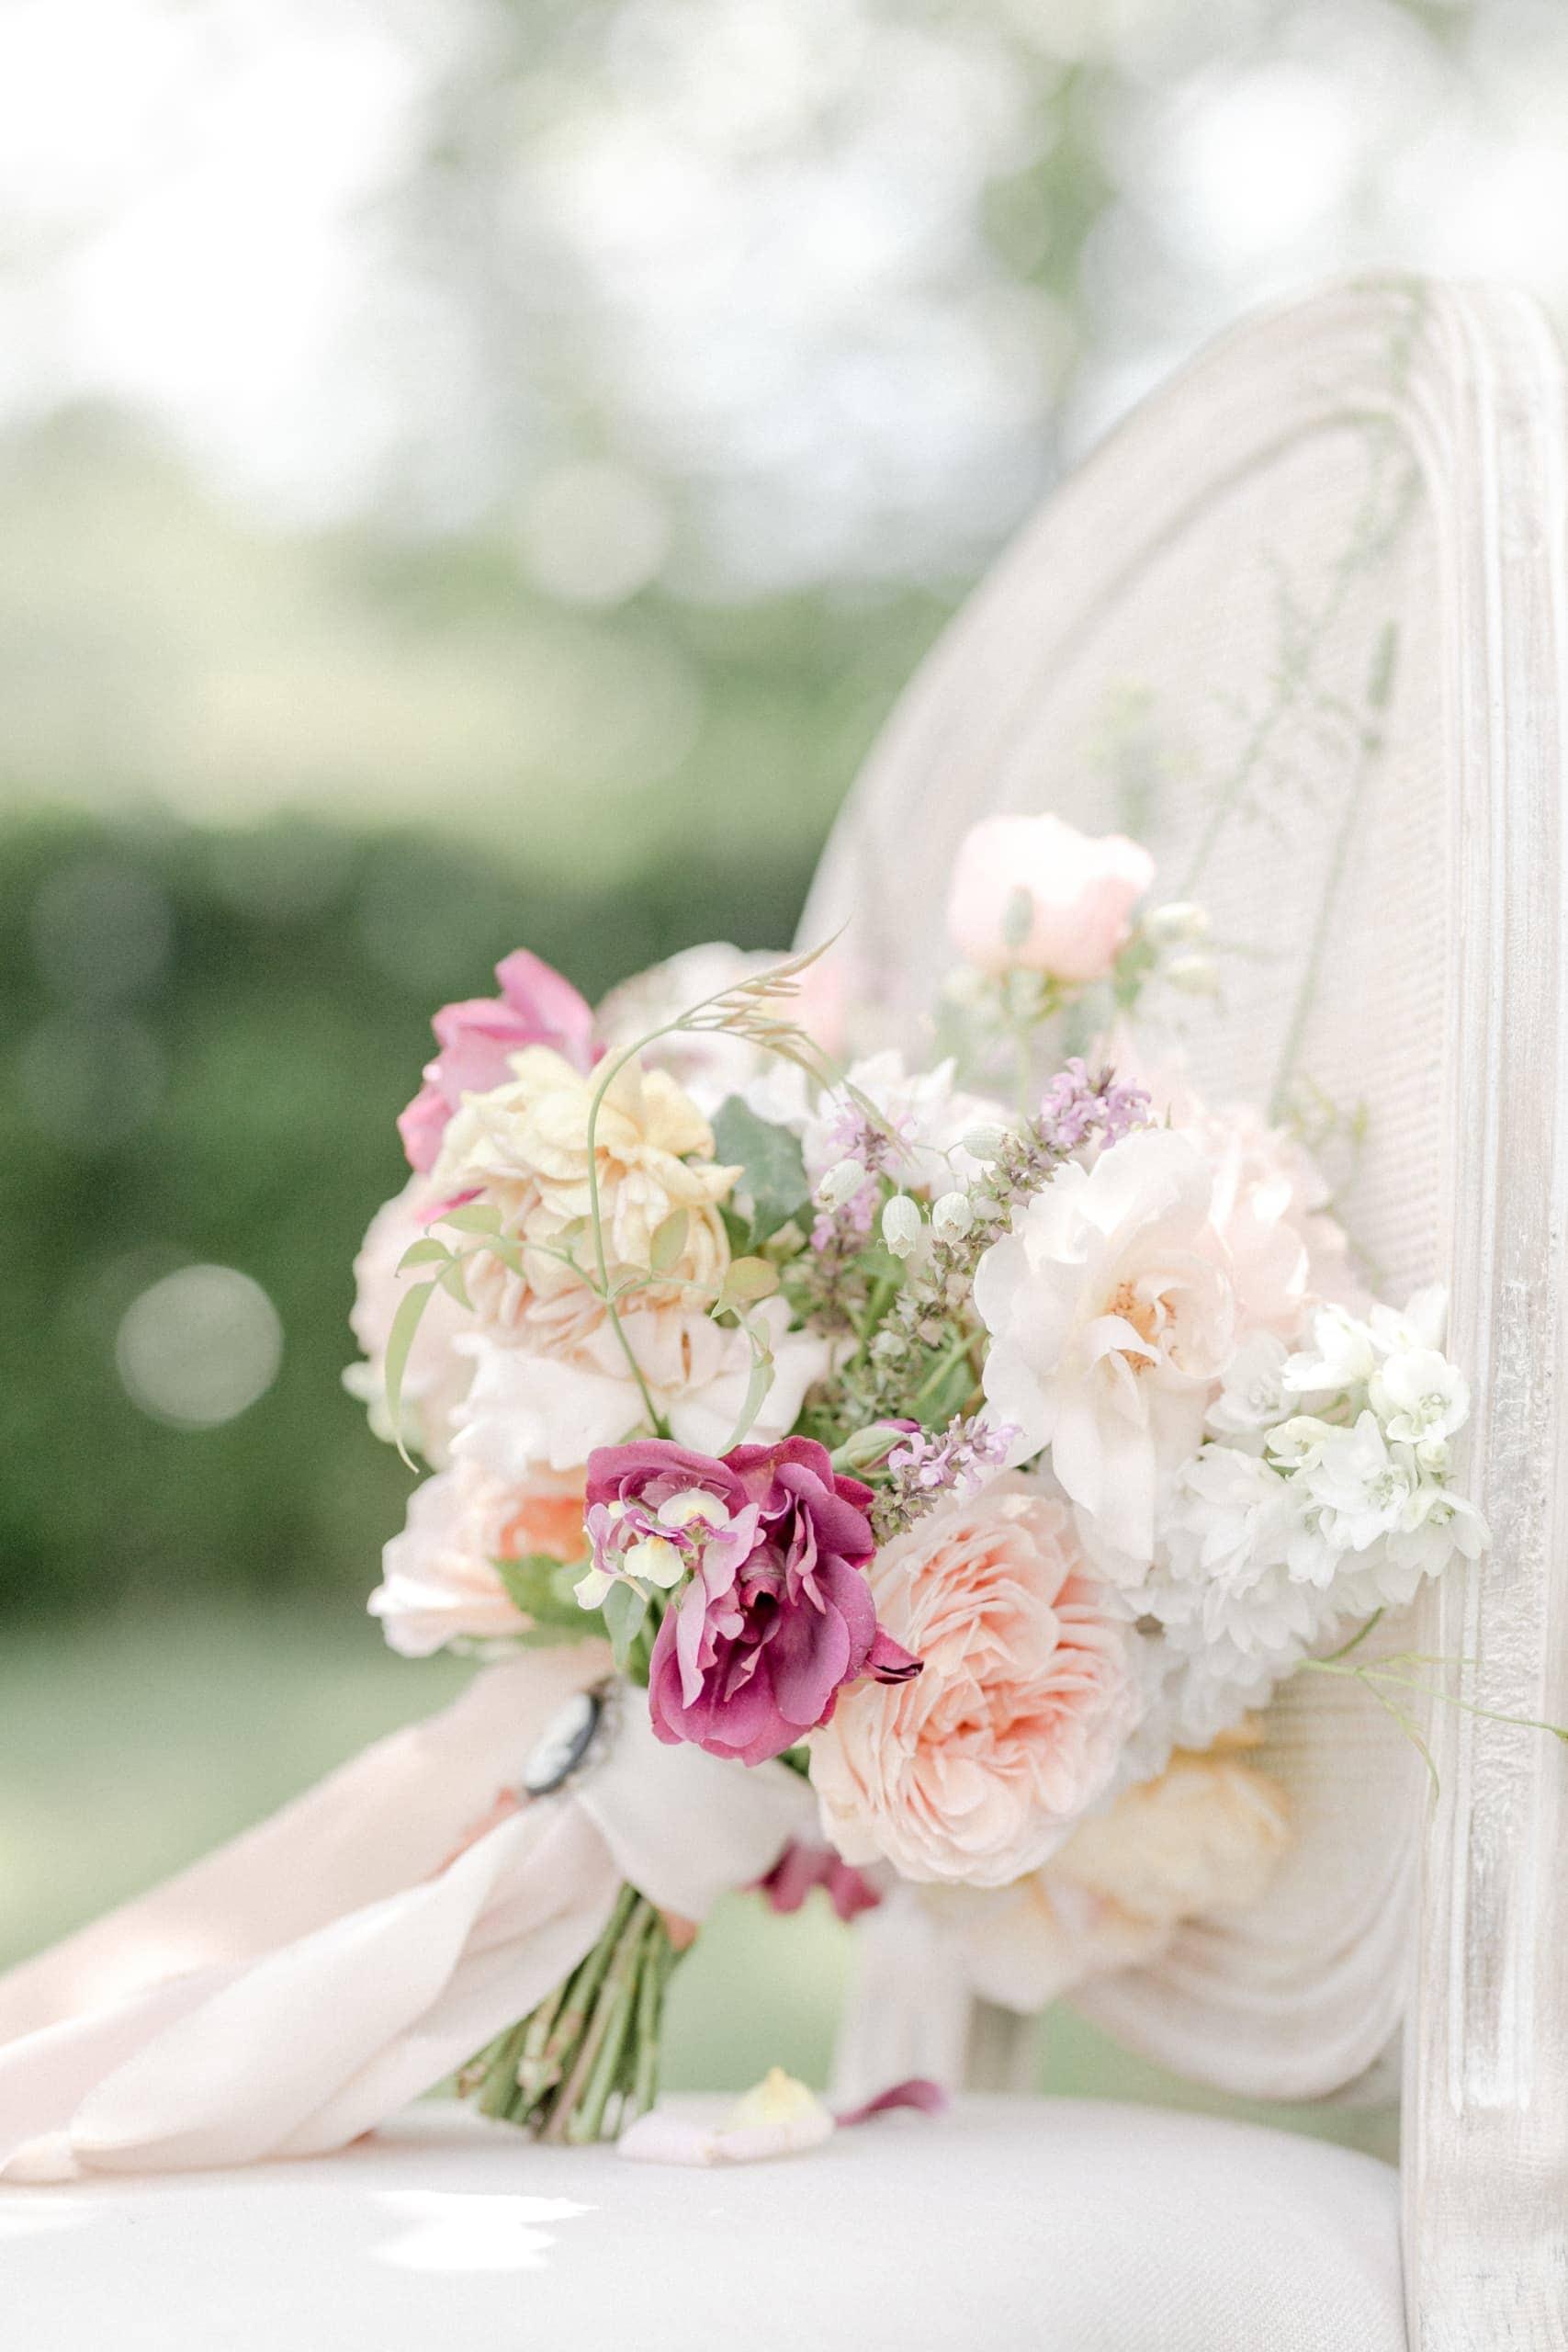 Gartenhochzeit Pastell Fine Art Brautstrauß